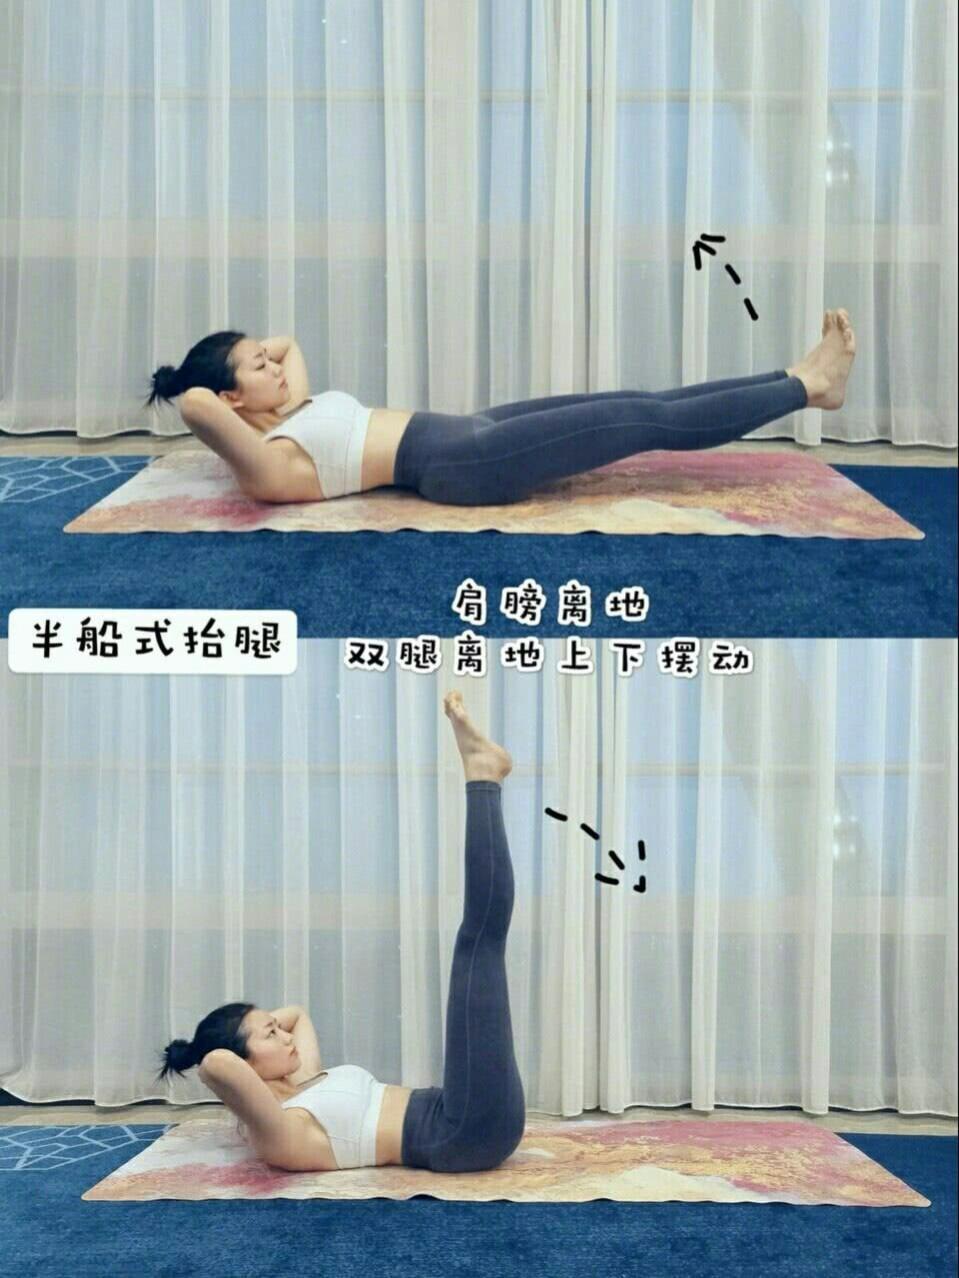 Tranh thủ mỗi ngày tập vài động tác này, sức khỏe đi lên nhưng quan trọng là vòng 3 tịnh tiến đến  - Ảnh 7.